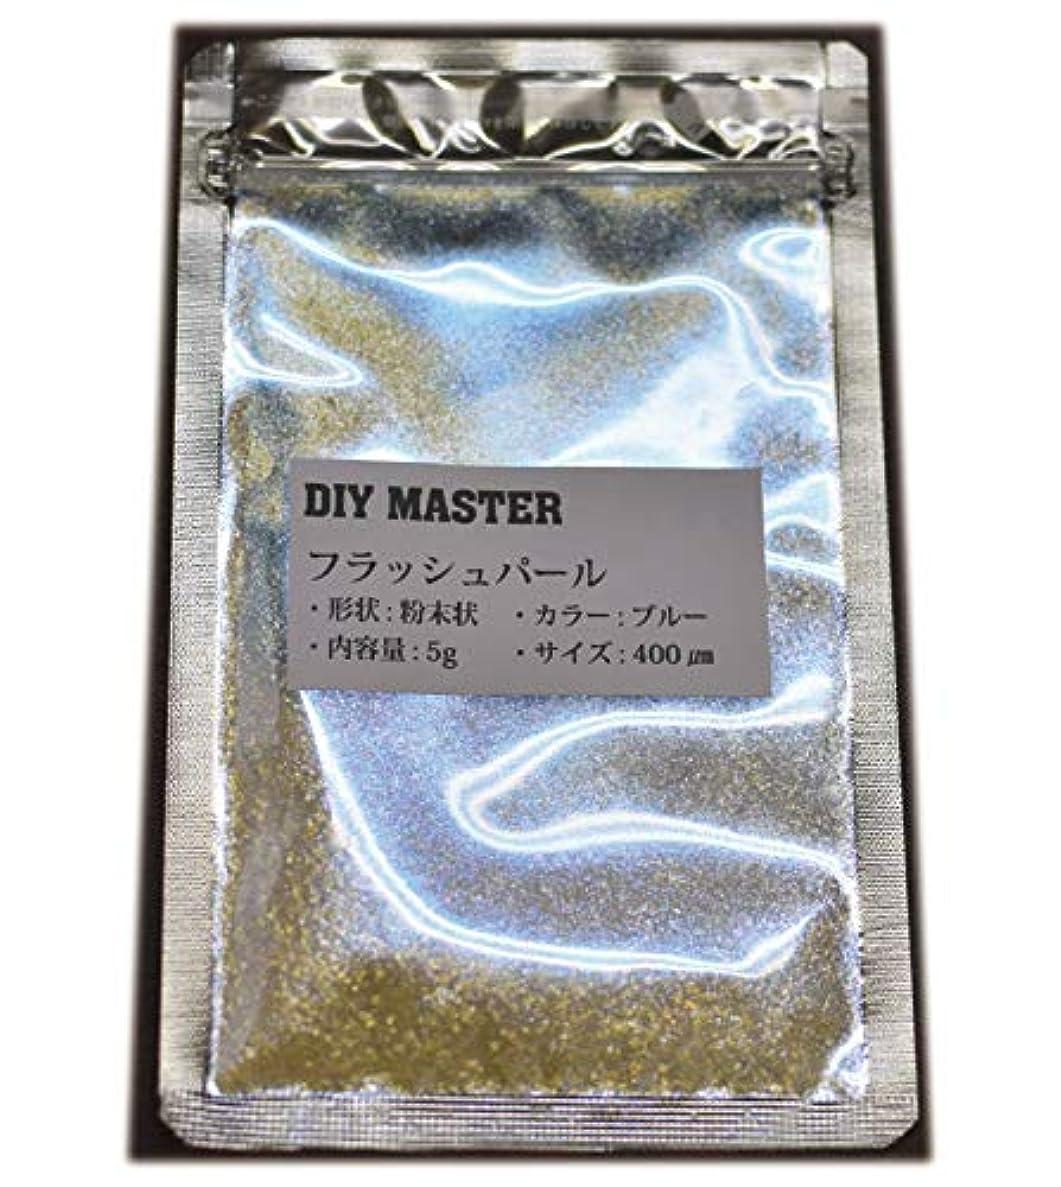 クラシカル印象派天のDIY MASTER フラッシュパール ブルー 5g (極粗目、ドライ)